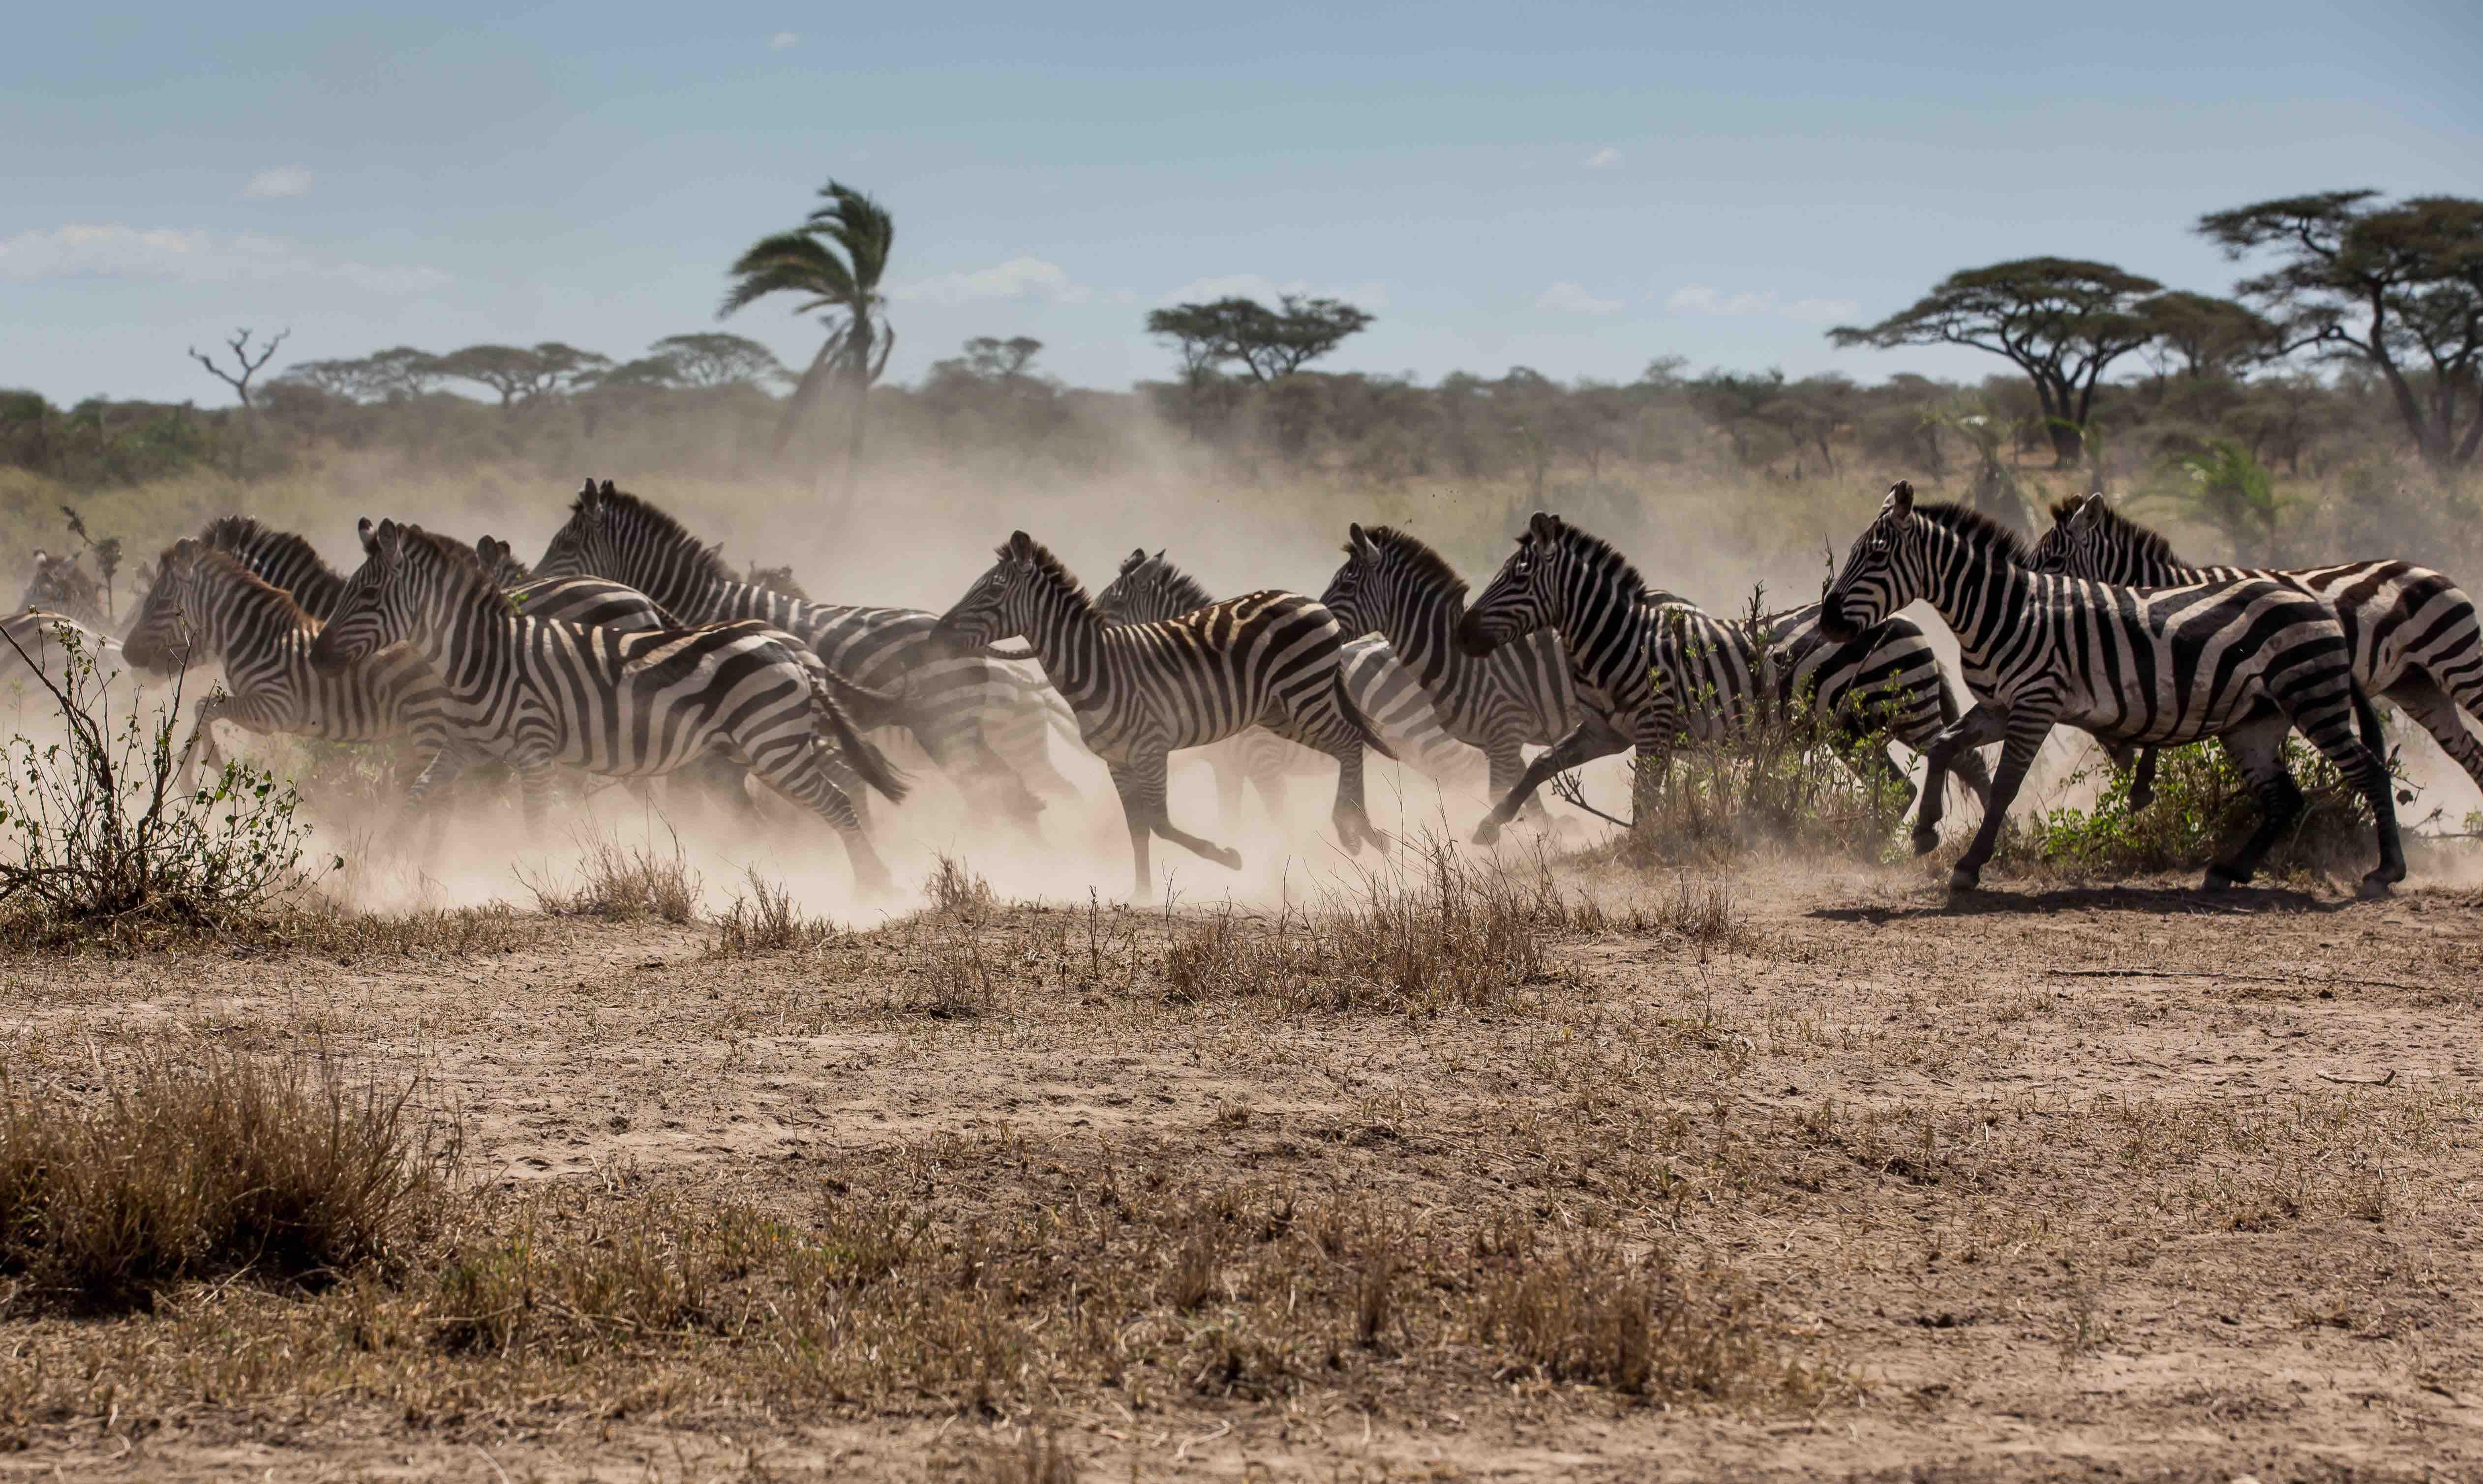 10. Kenya